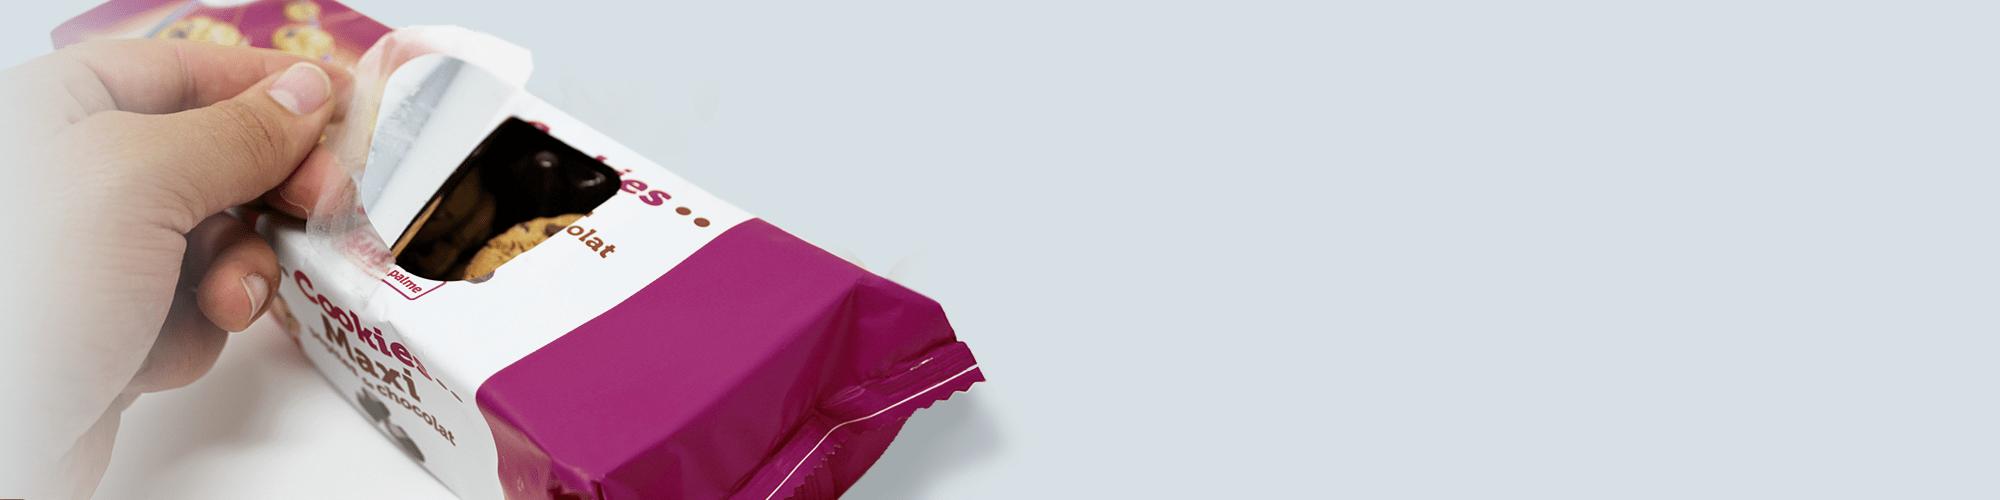 Etik Ouest packaging concepteur et fabricant d'étiquettes logistiques